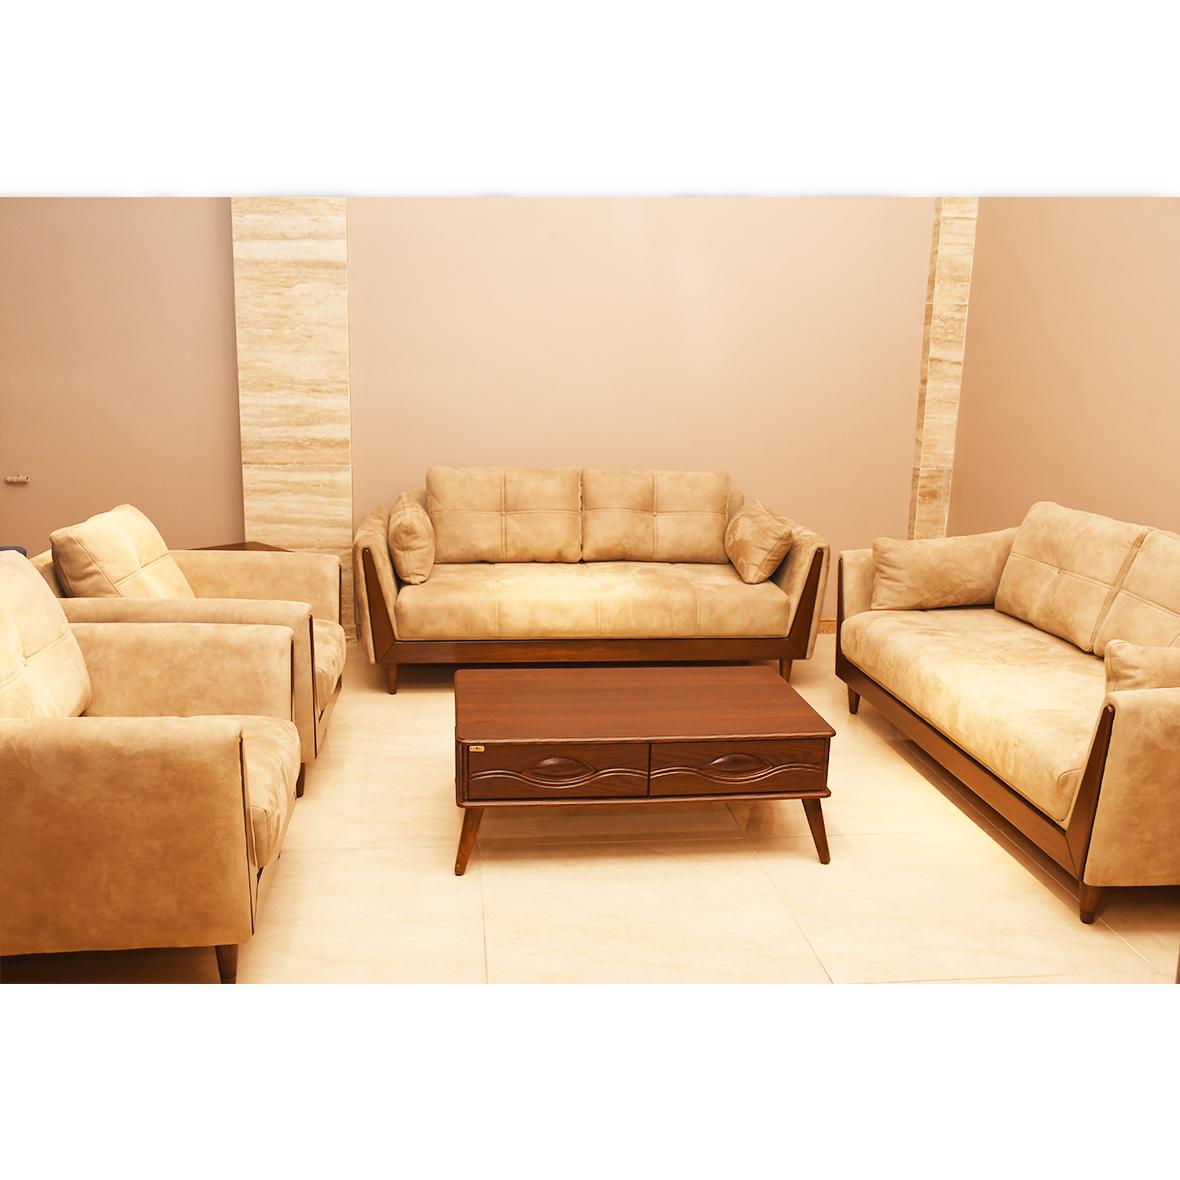 مبلمان النا – مبلمان راحتی – furniture-decobin – دکوبین – طراحی آنلاین – دکوراسیون داخلی۸یص